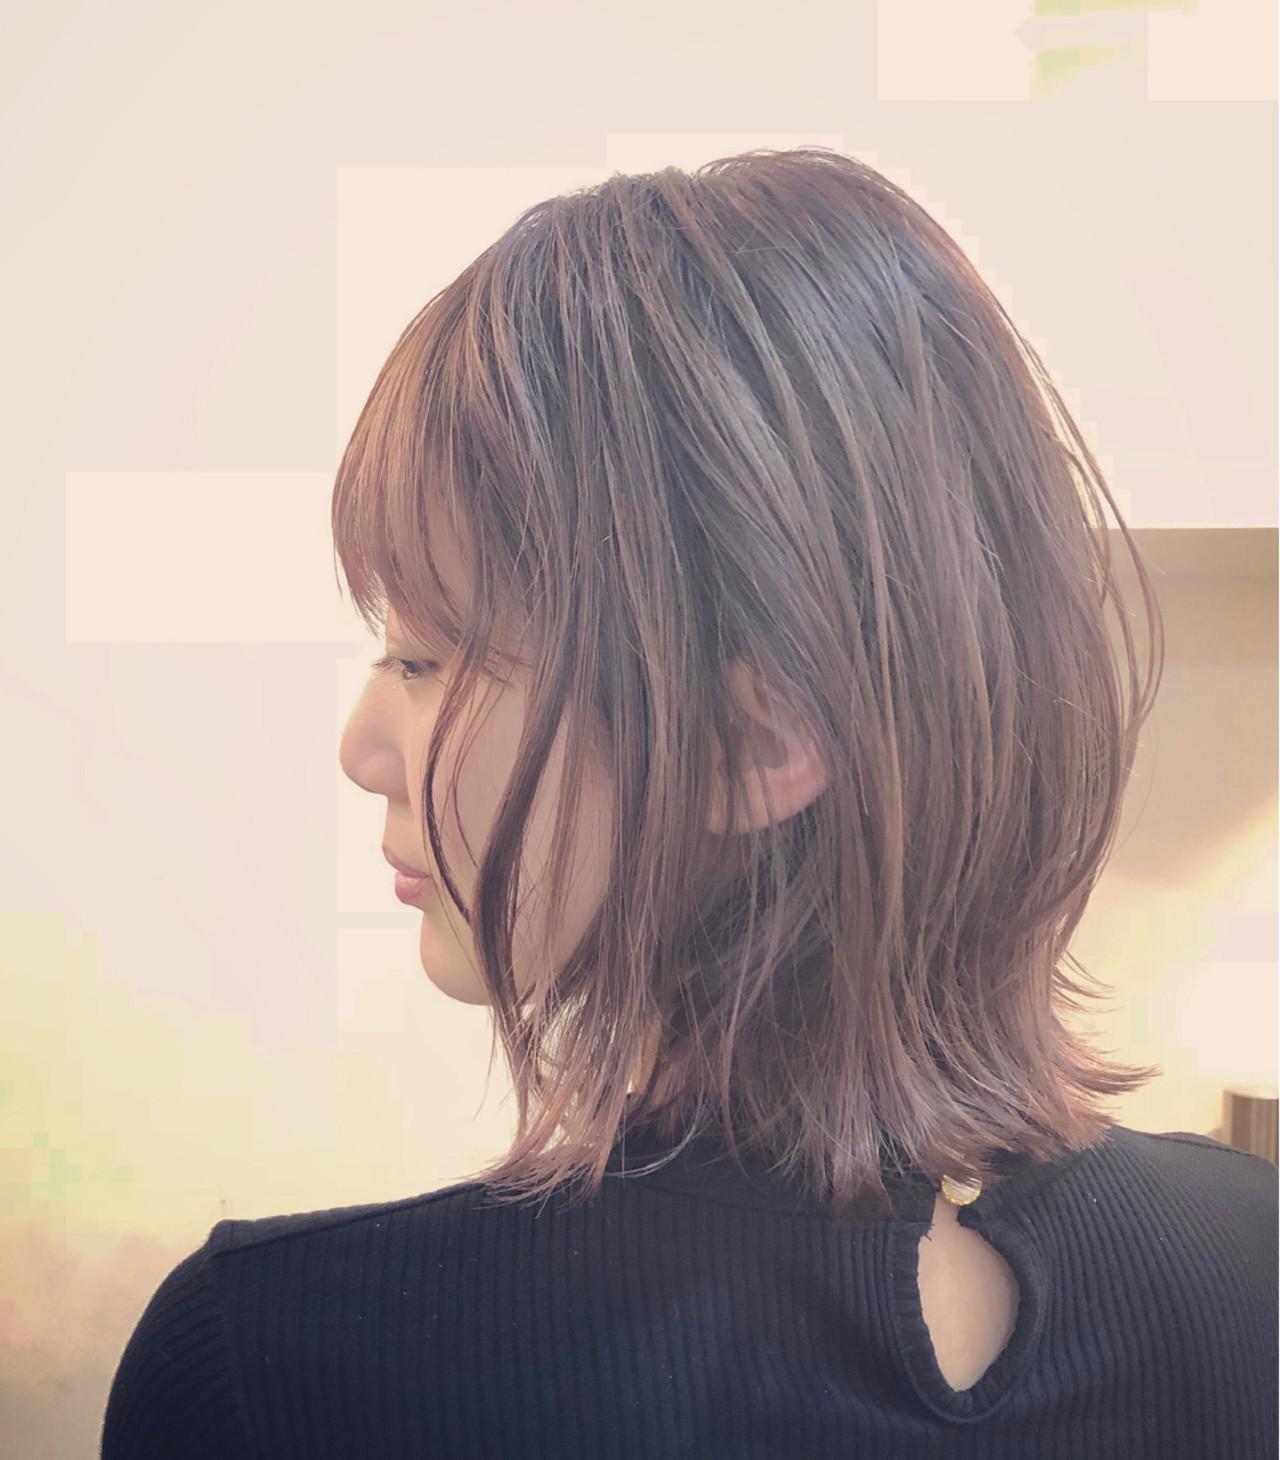 大人セクシーになれるナチュラルなピンクグラデーションのショートヘア RUMINA //高田ゆみこRumina